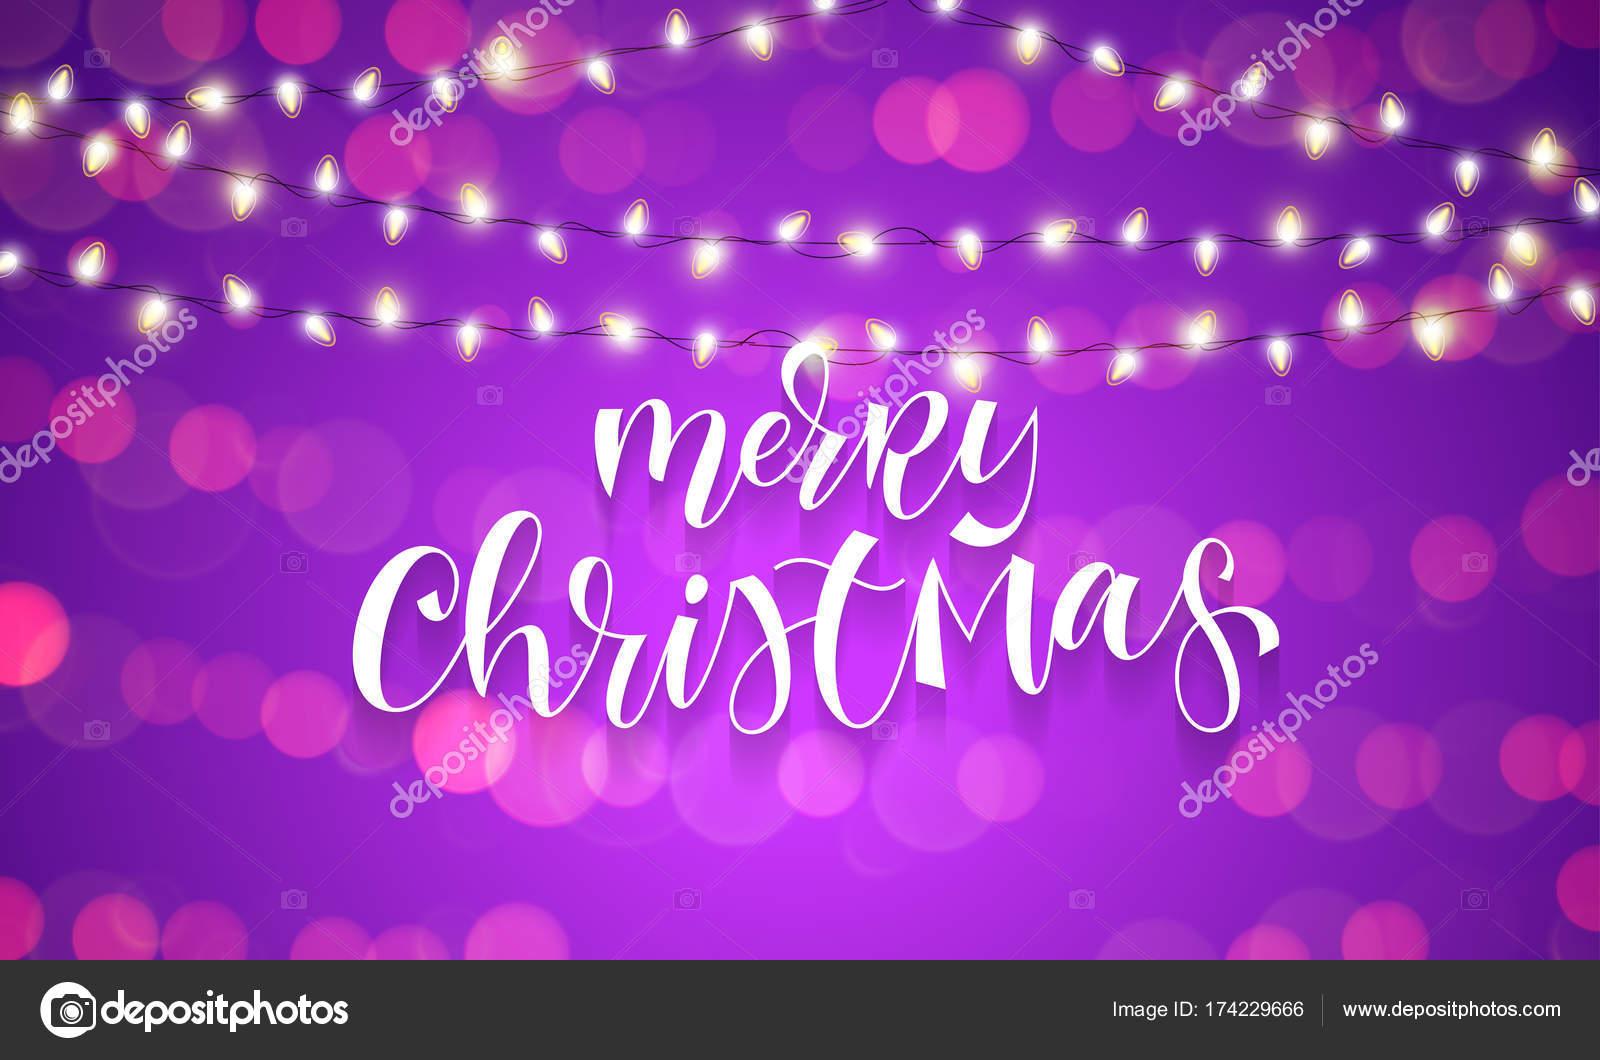 Weihnachtsbeleuchtung Kranz.Frohe Weihnachten Grußkarten Kalligraphie Und Weihnachtsbeleuchtung